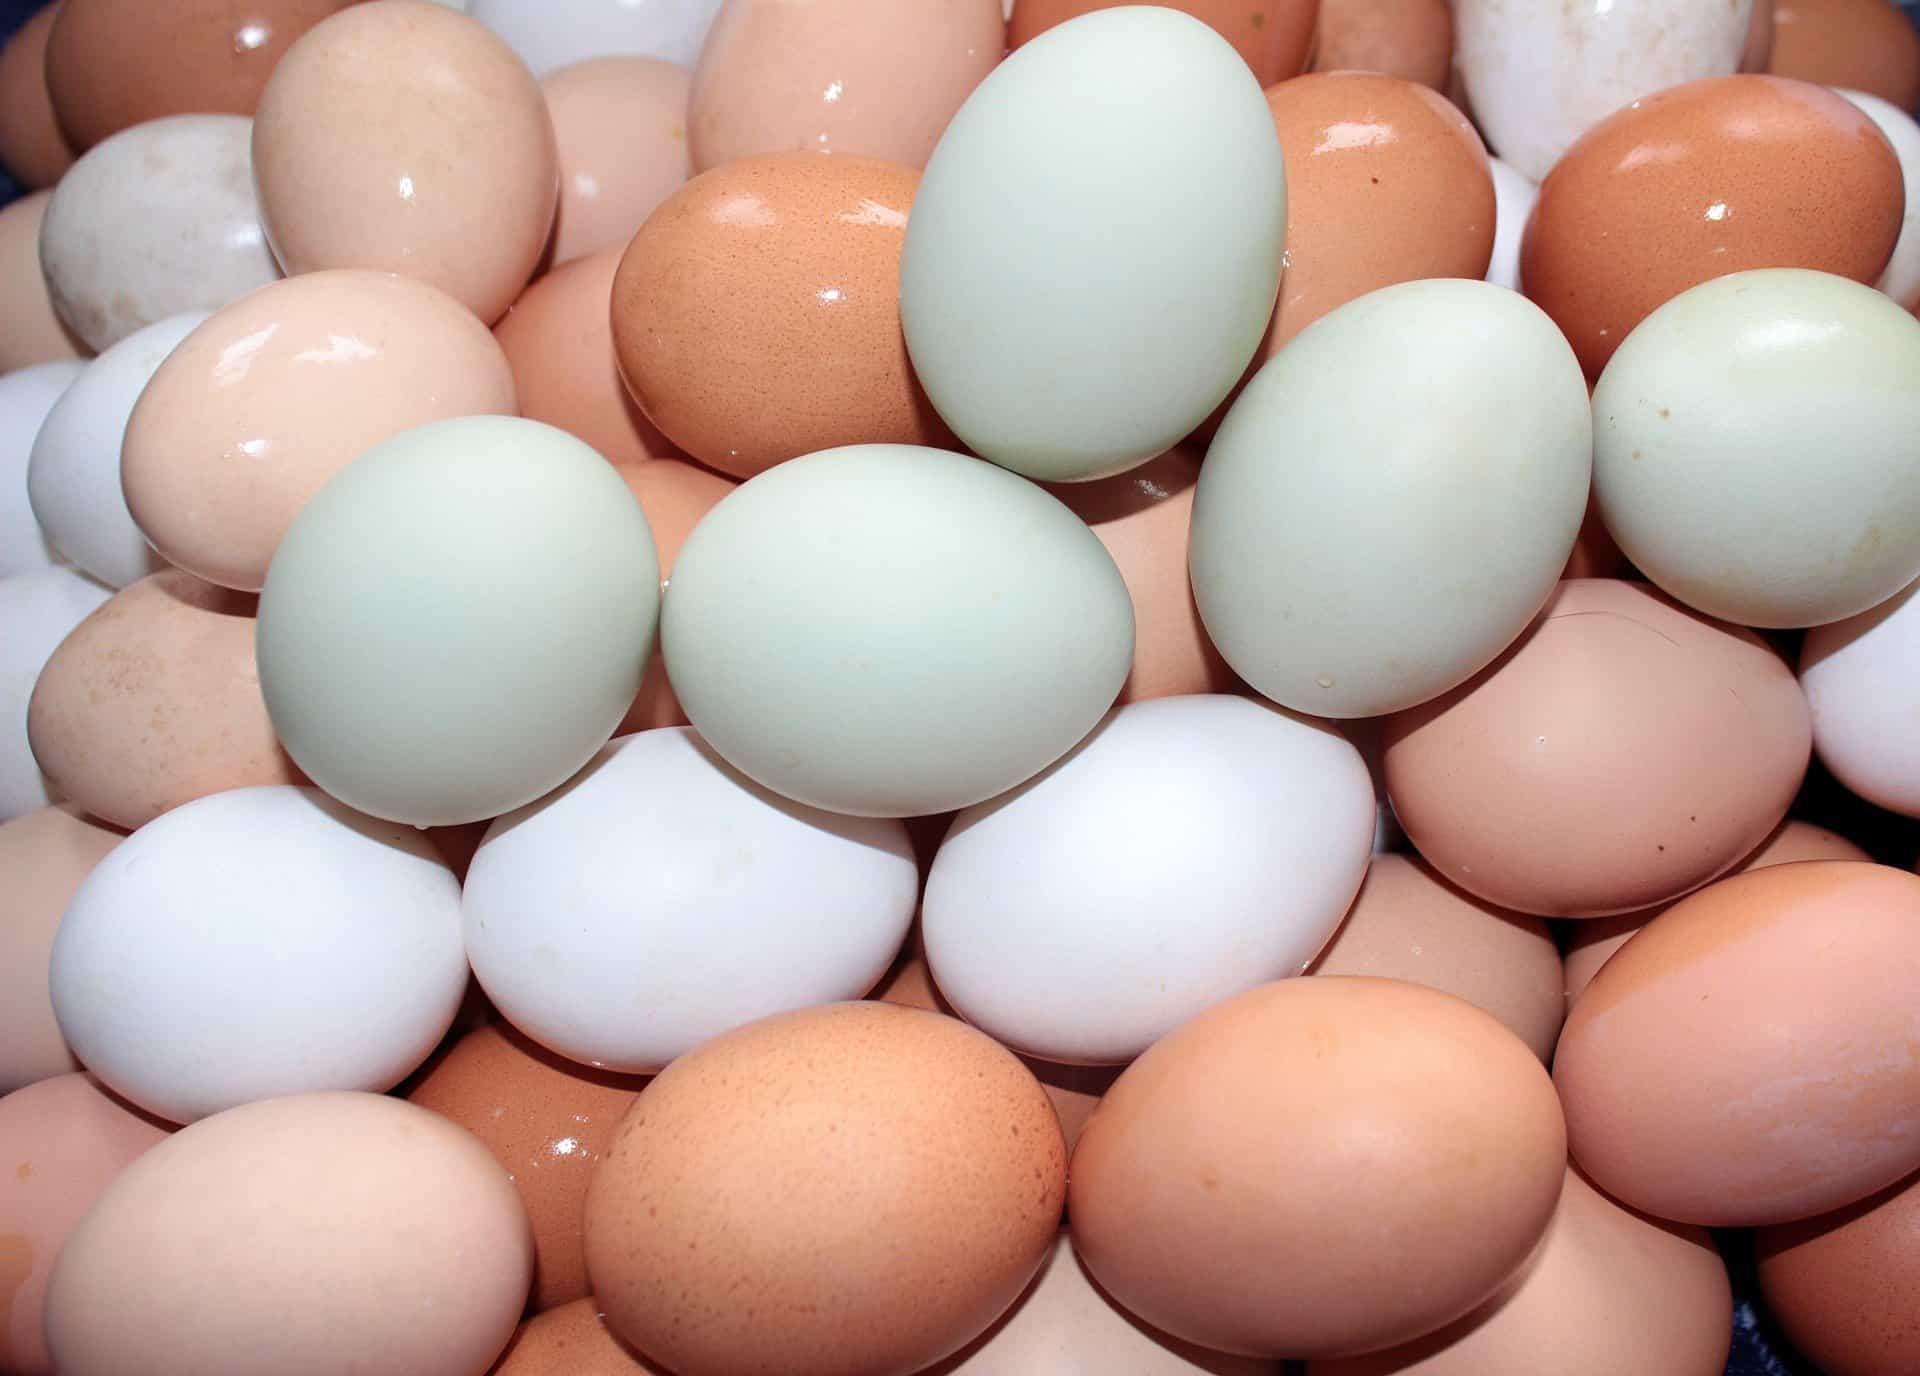 Eggs make you feel full longer